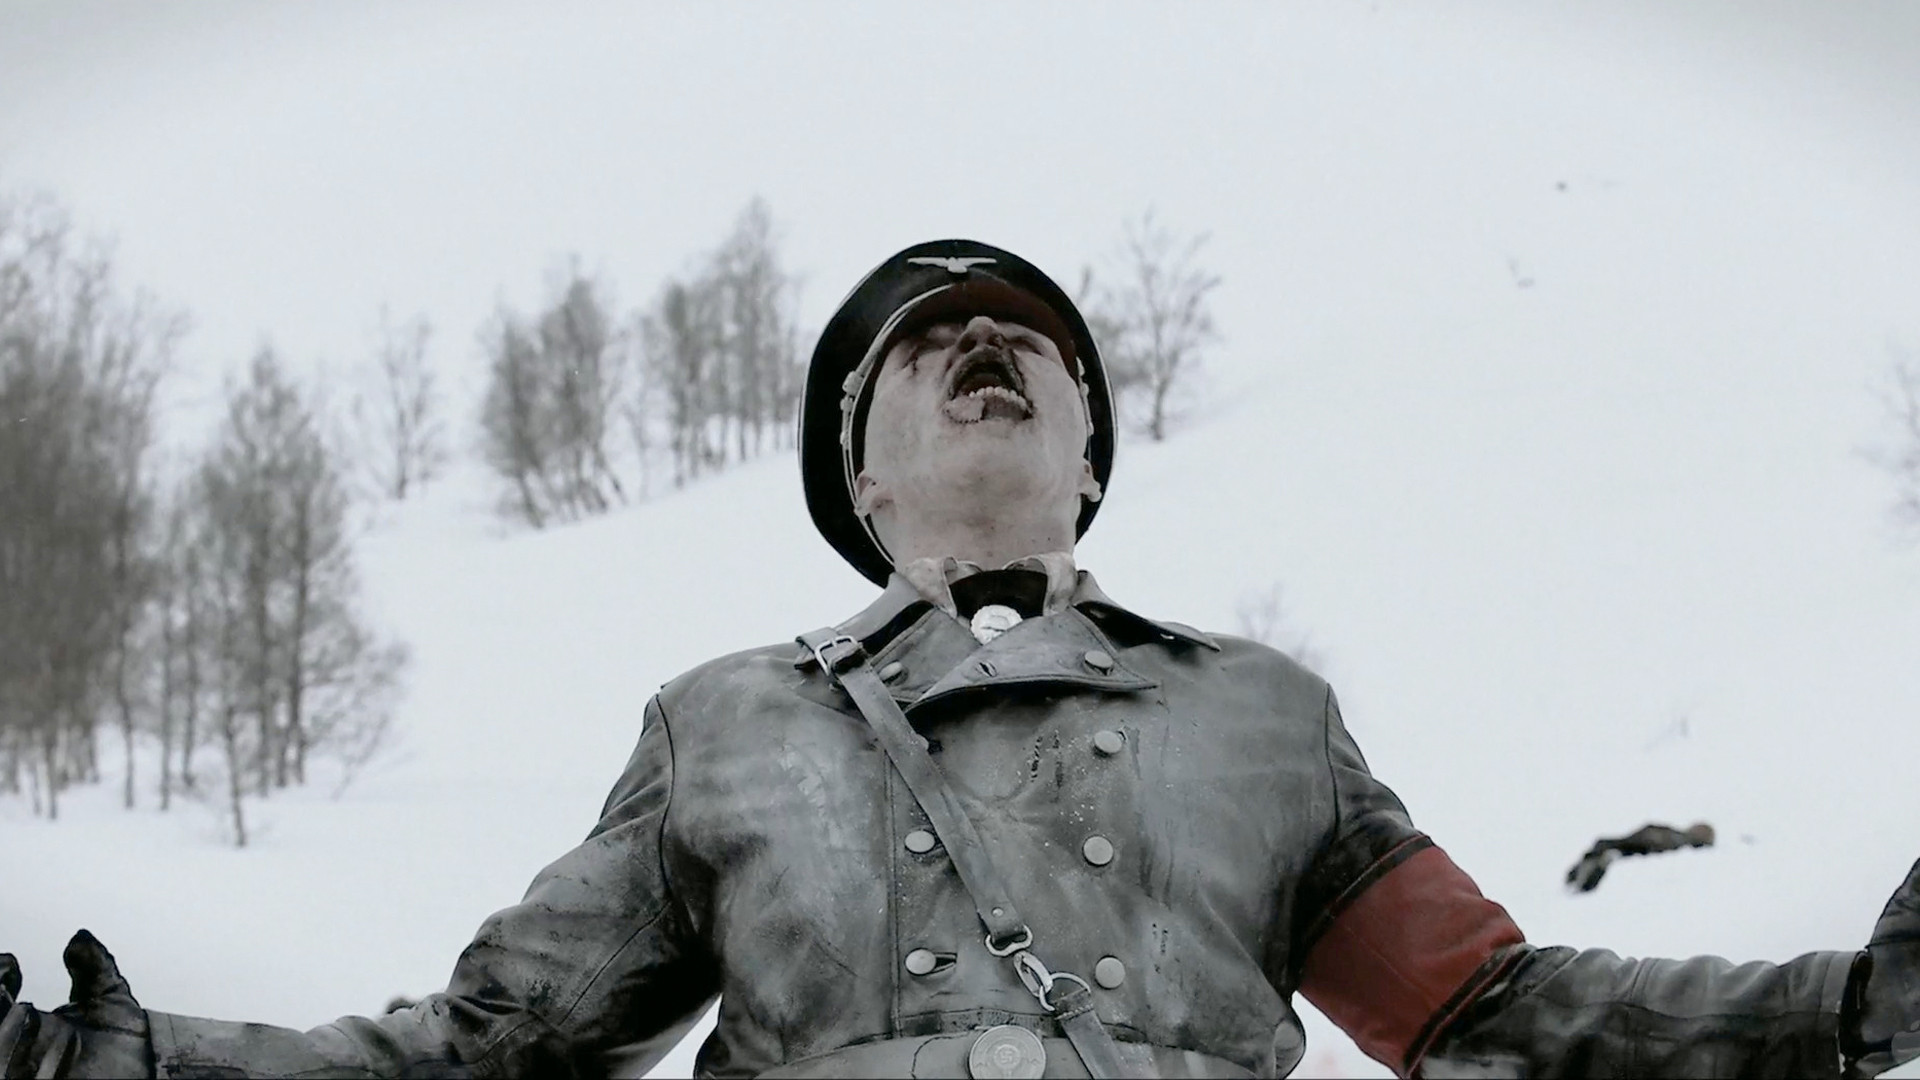 Операция «Мертвый снег» смотреть фото